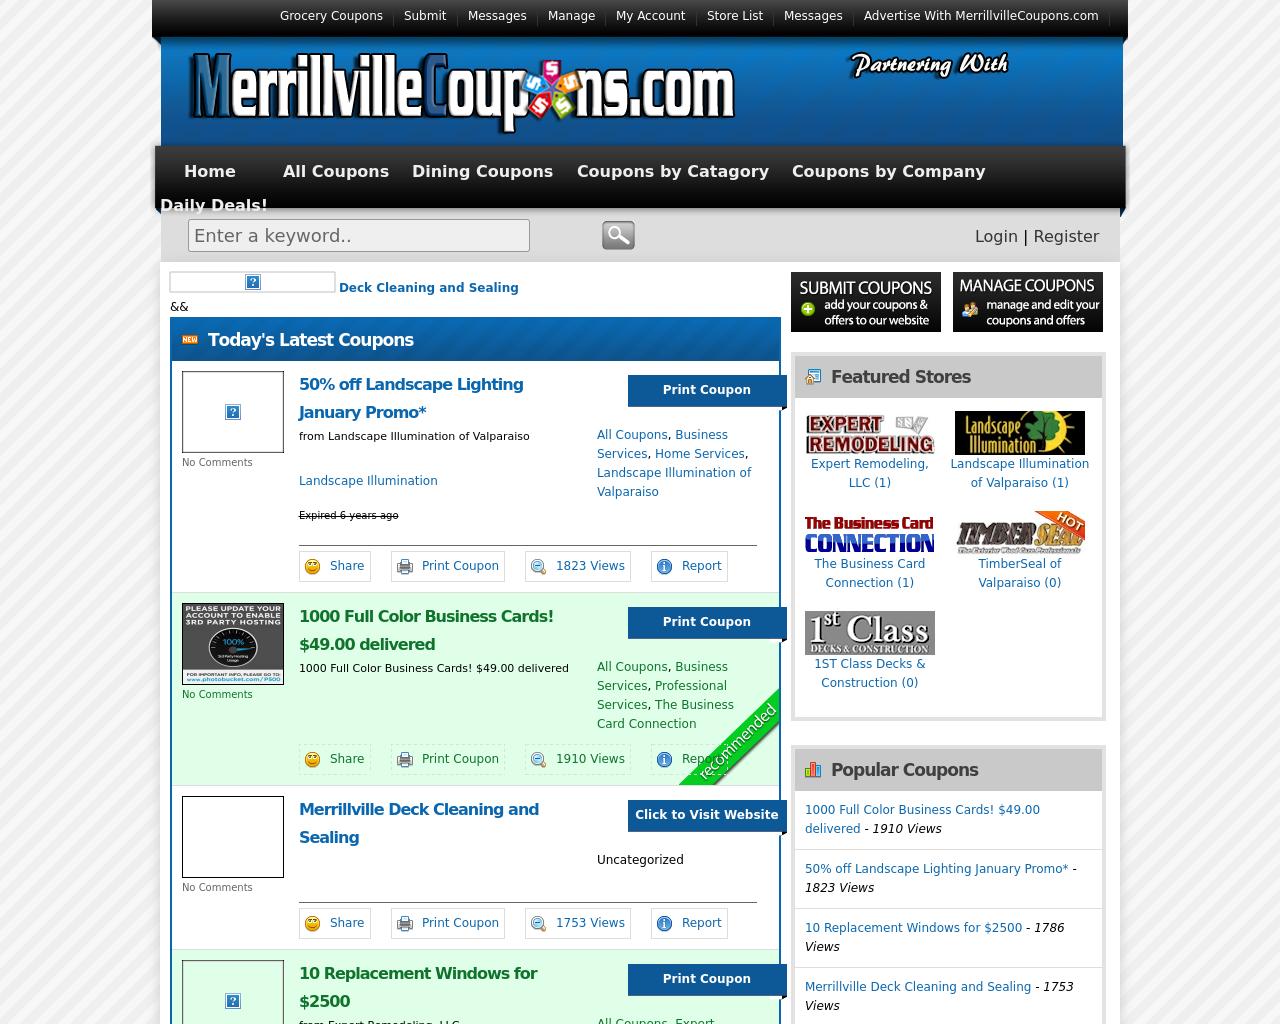 MerrillvilleCoupons.com-Advertising-Reviews-Pricing